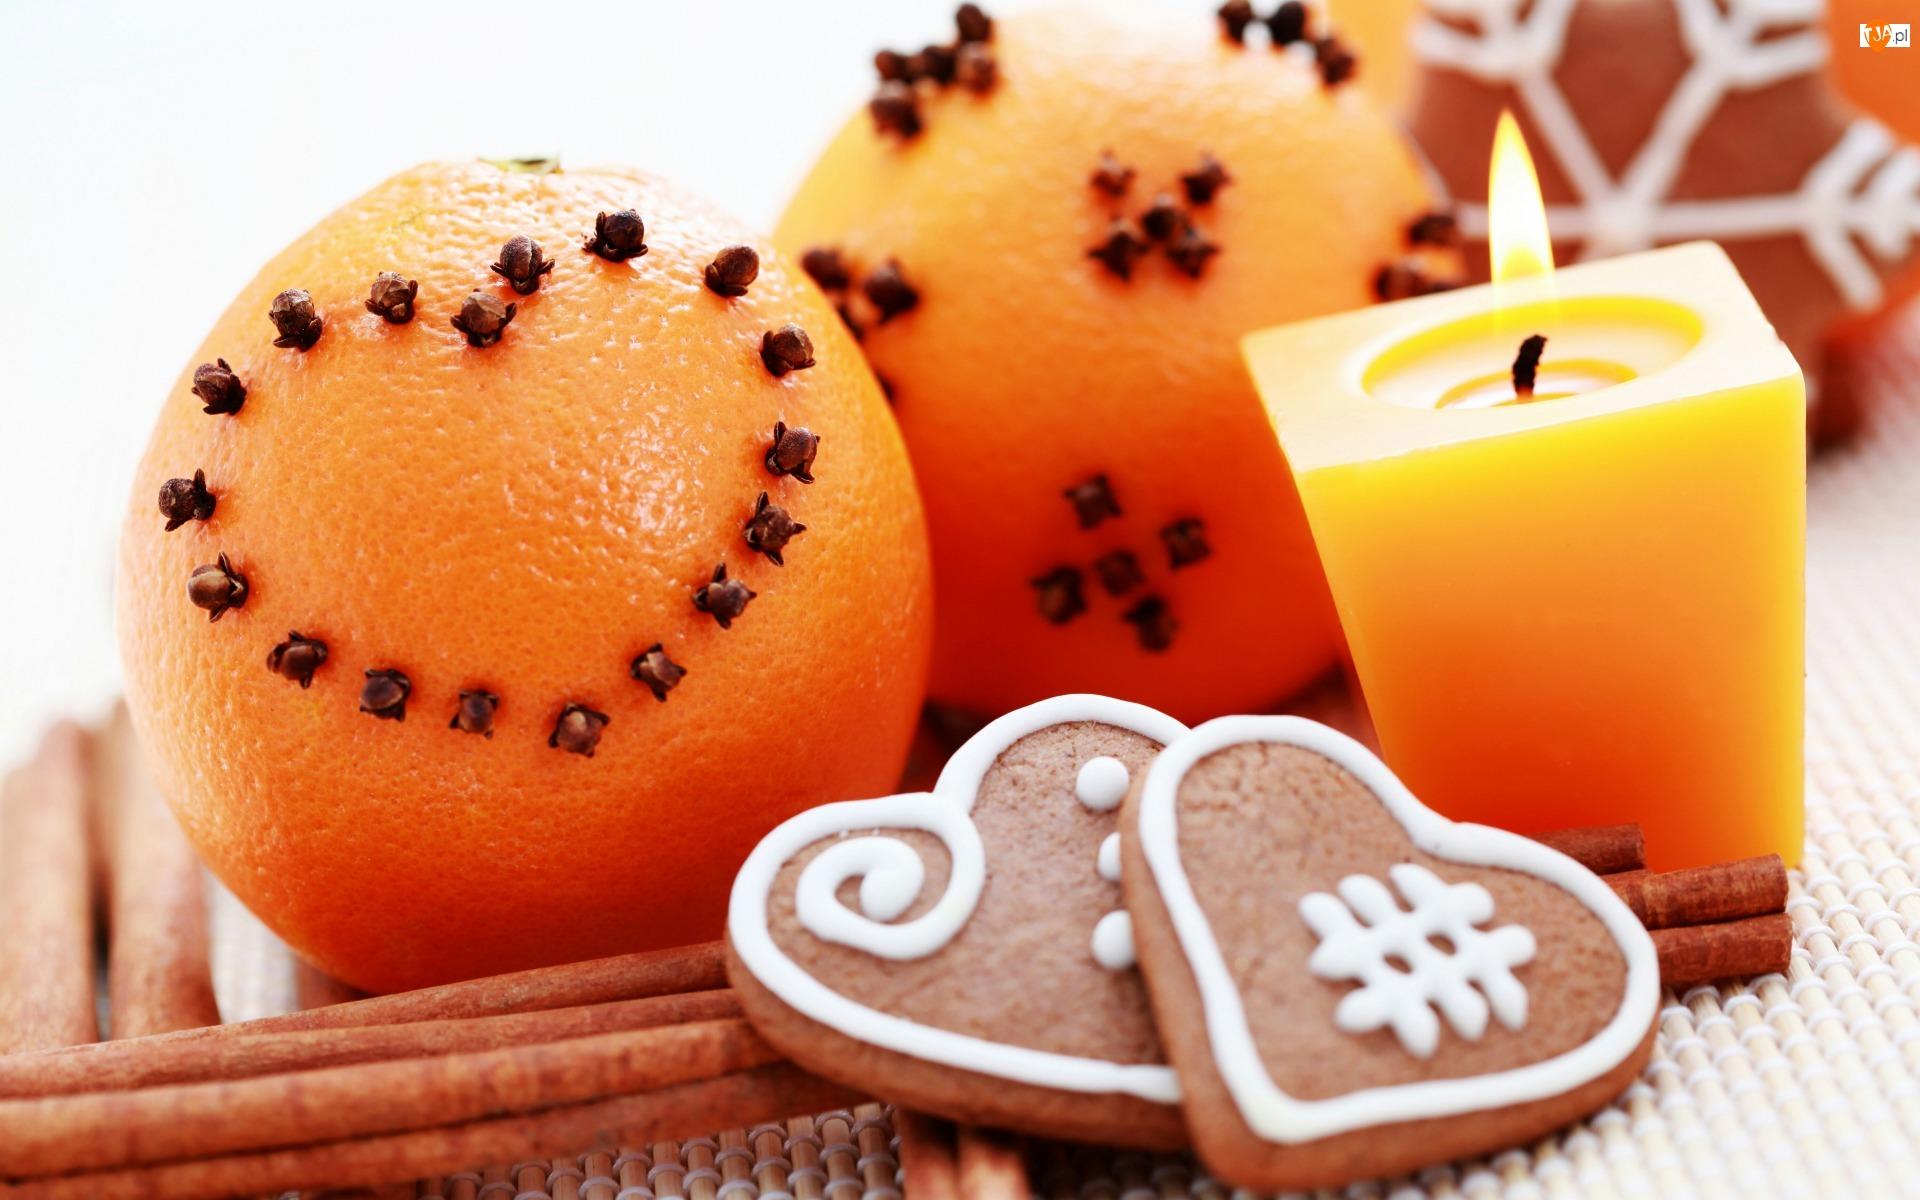 Pierniki, Serduszka, Boże Narodzenie, Goździki, Kompozycja, Świeca, Pomarańcze, Cynamon